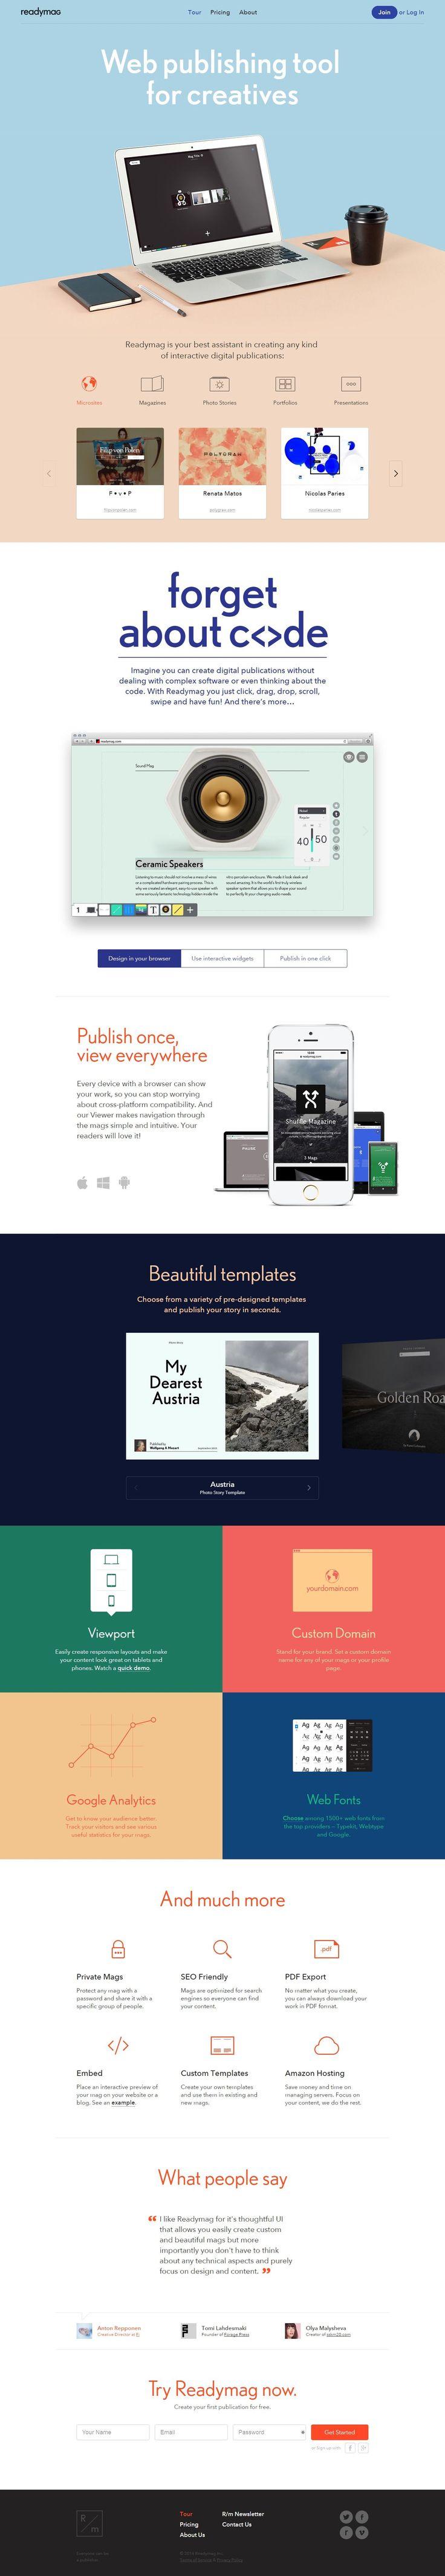 Readymag http://flattrendz.com/flat-design-gallery/readymag/